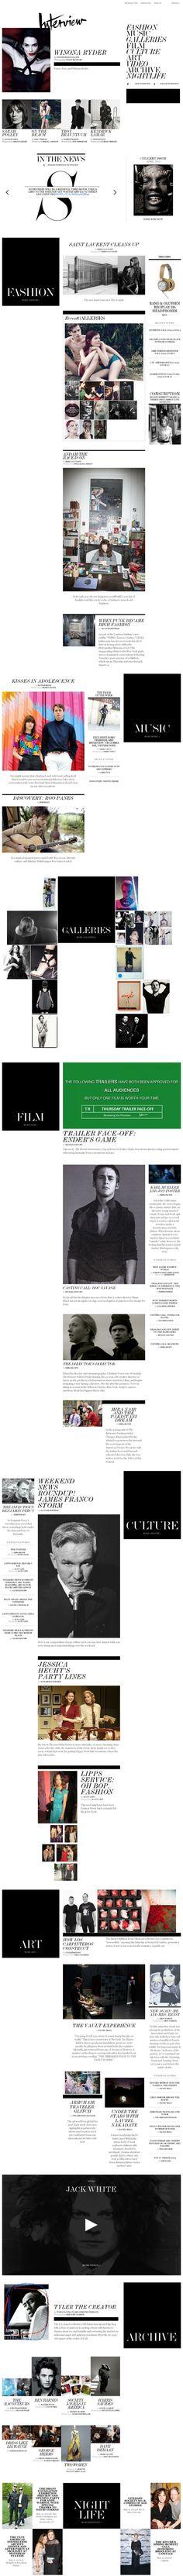 Interview Magazine | Web Design